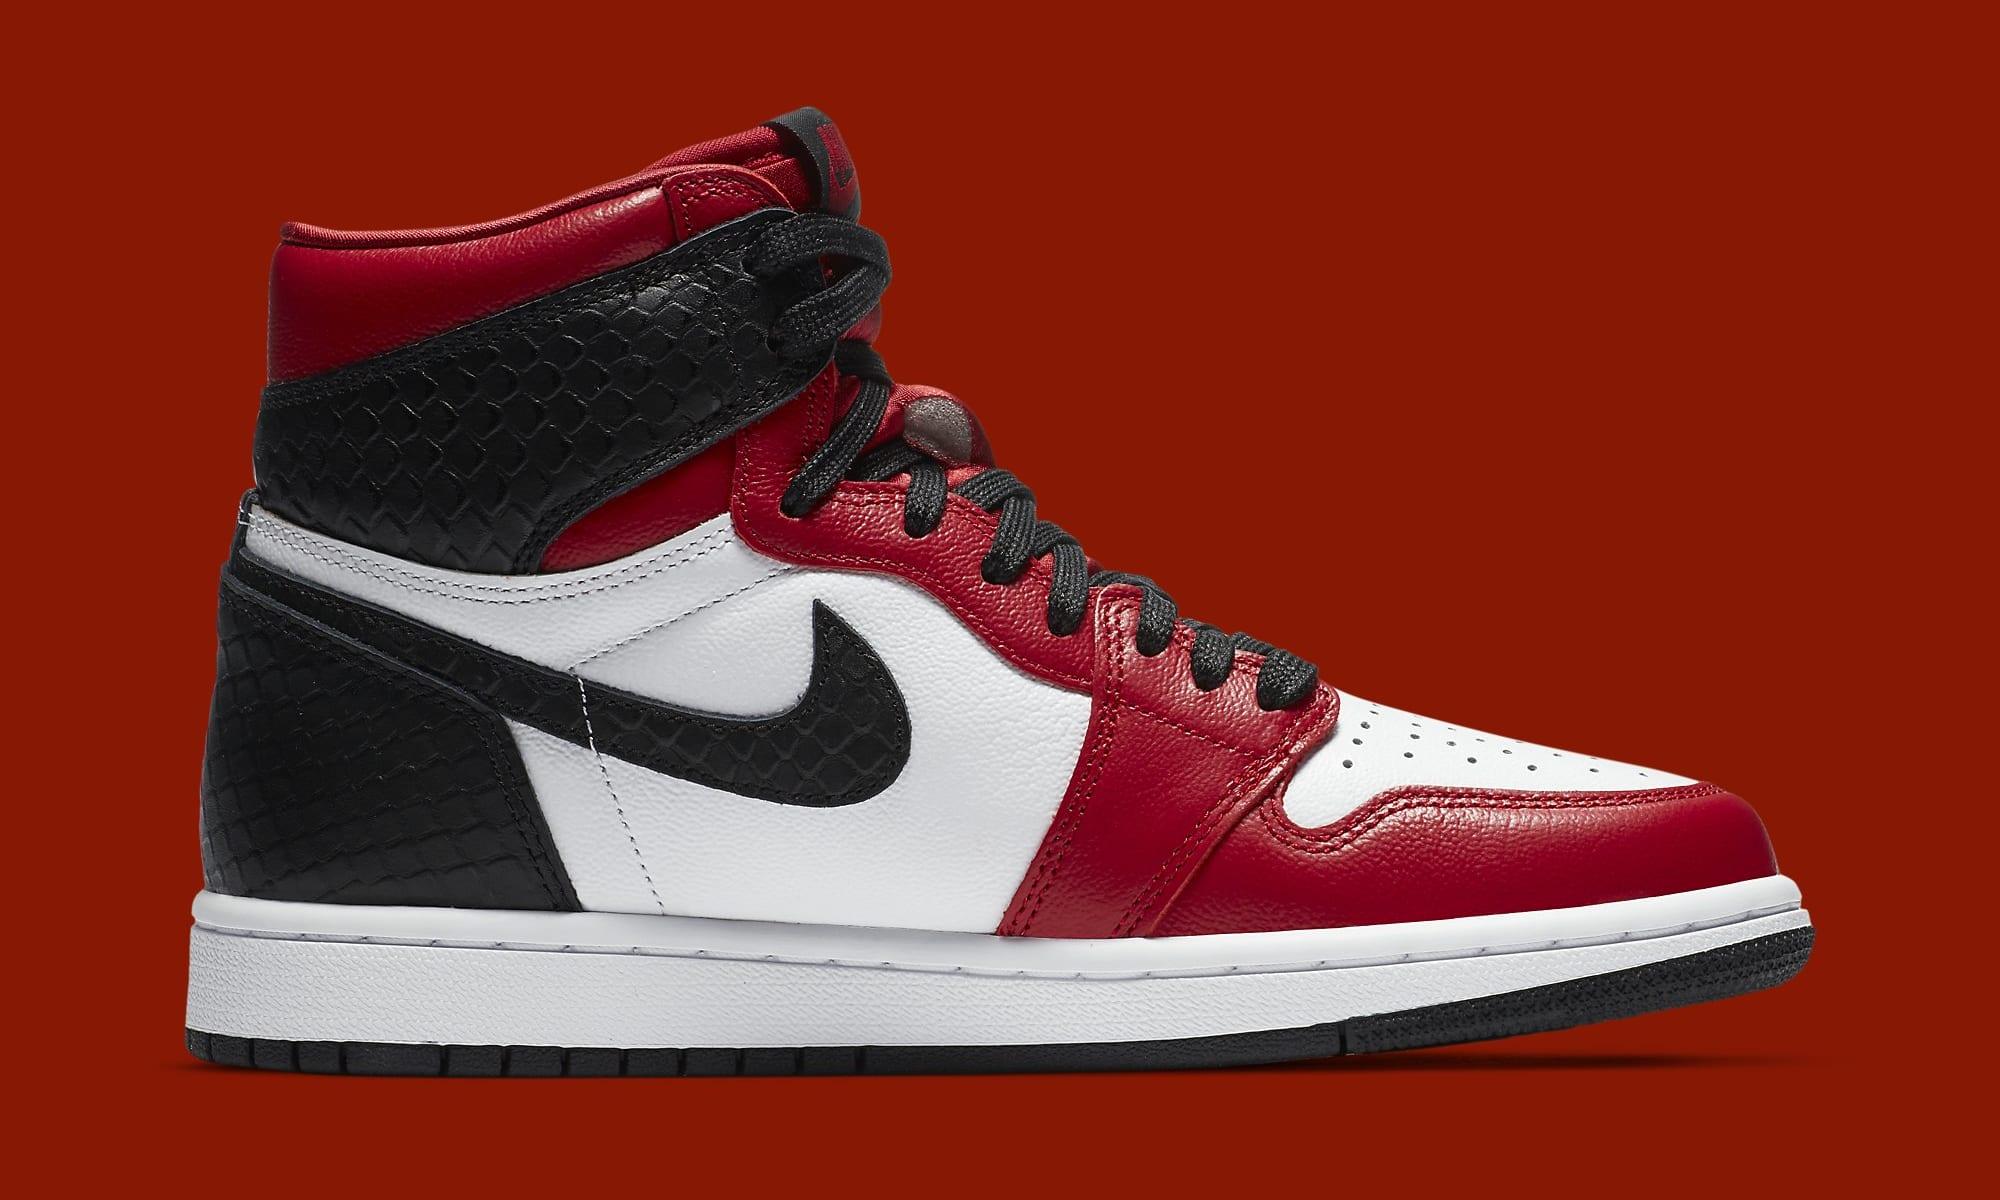 Air Jordan 1 Retro High OG 'Satin Snake' CD0461-601 Medial